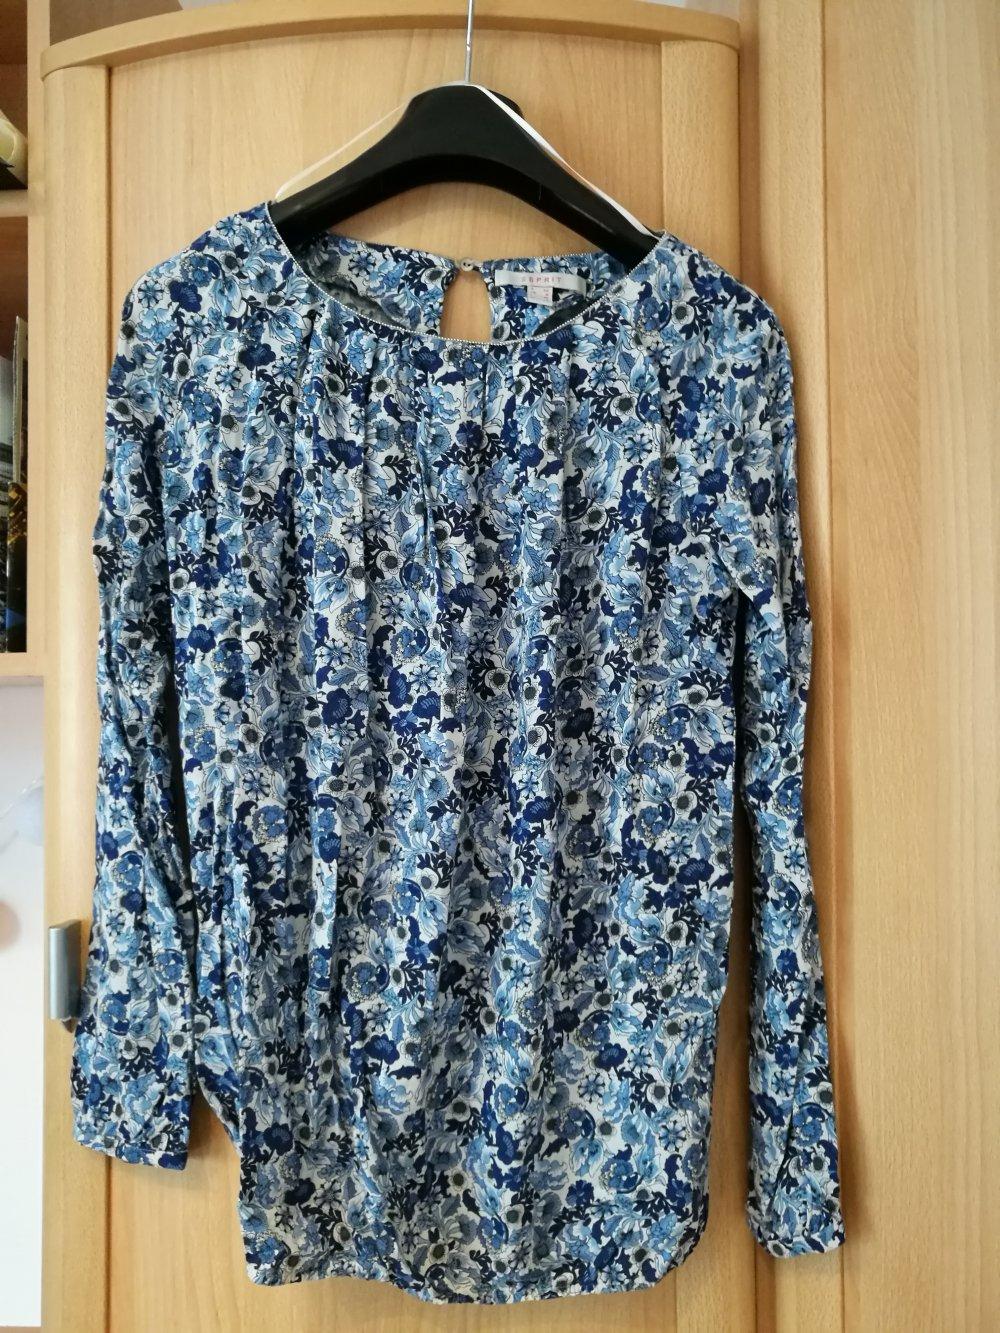 40aaeb575ff05 Mit Esprit Esprit Blumen Bluse Blumen Blaue Blaue Esprit Bluse Mit Blaue  FJKlcT1